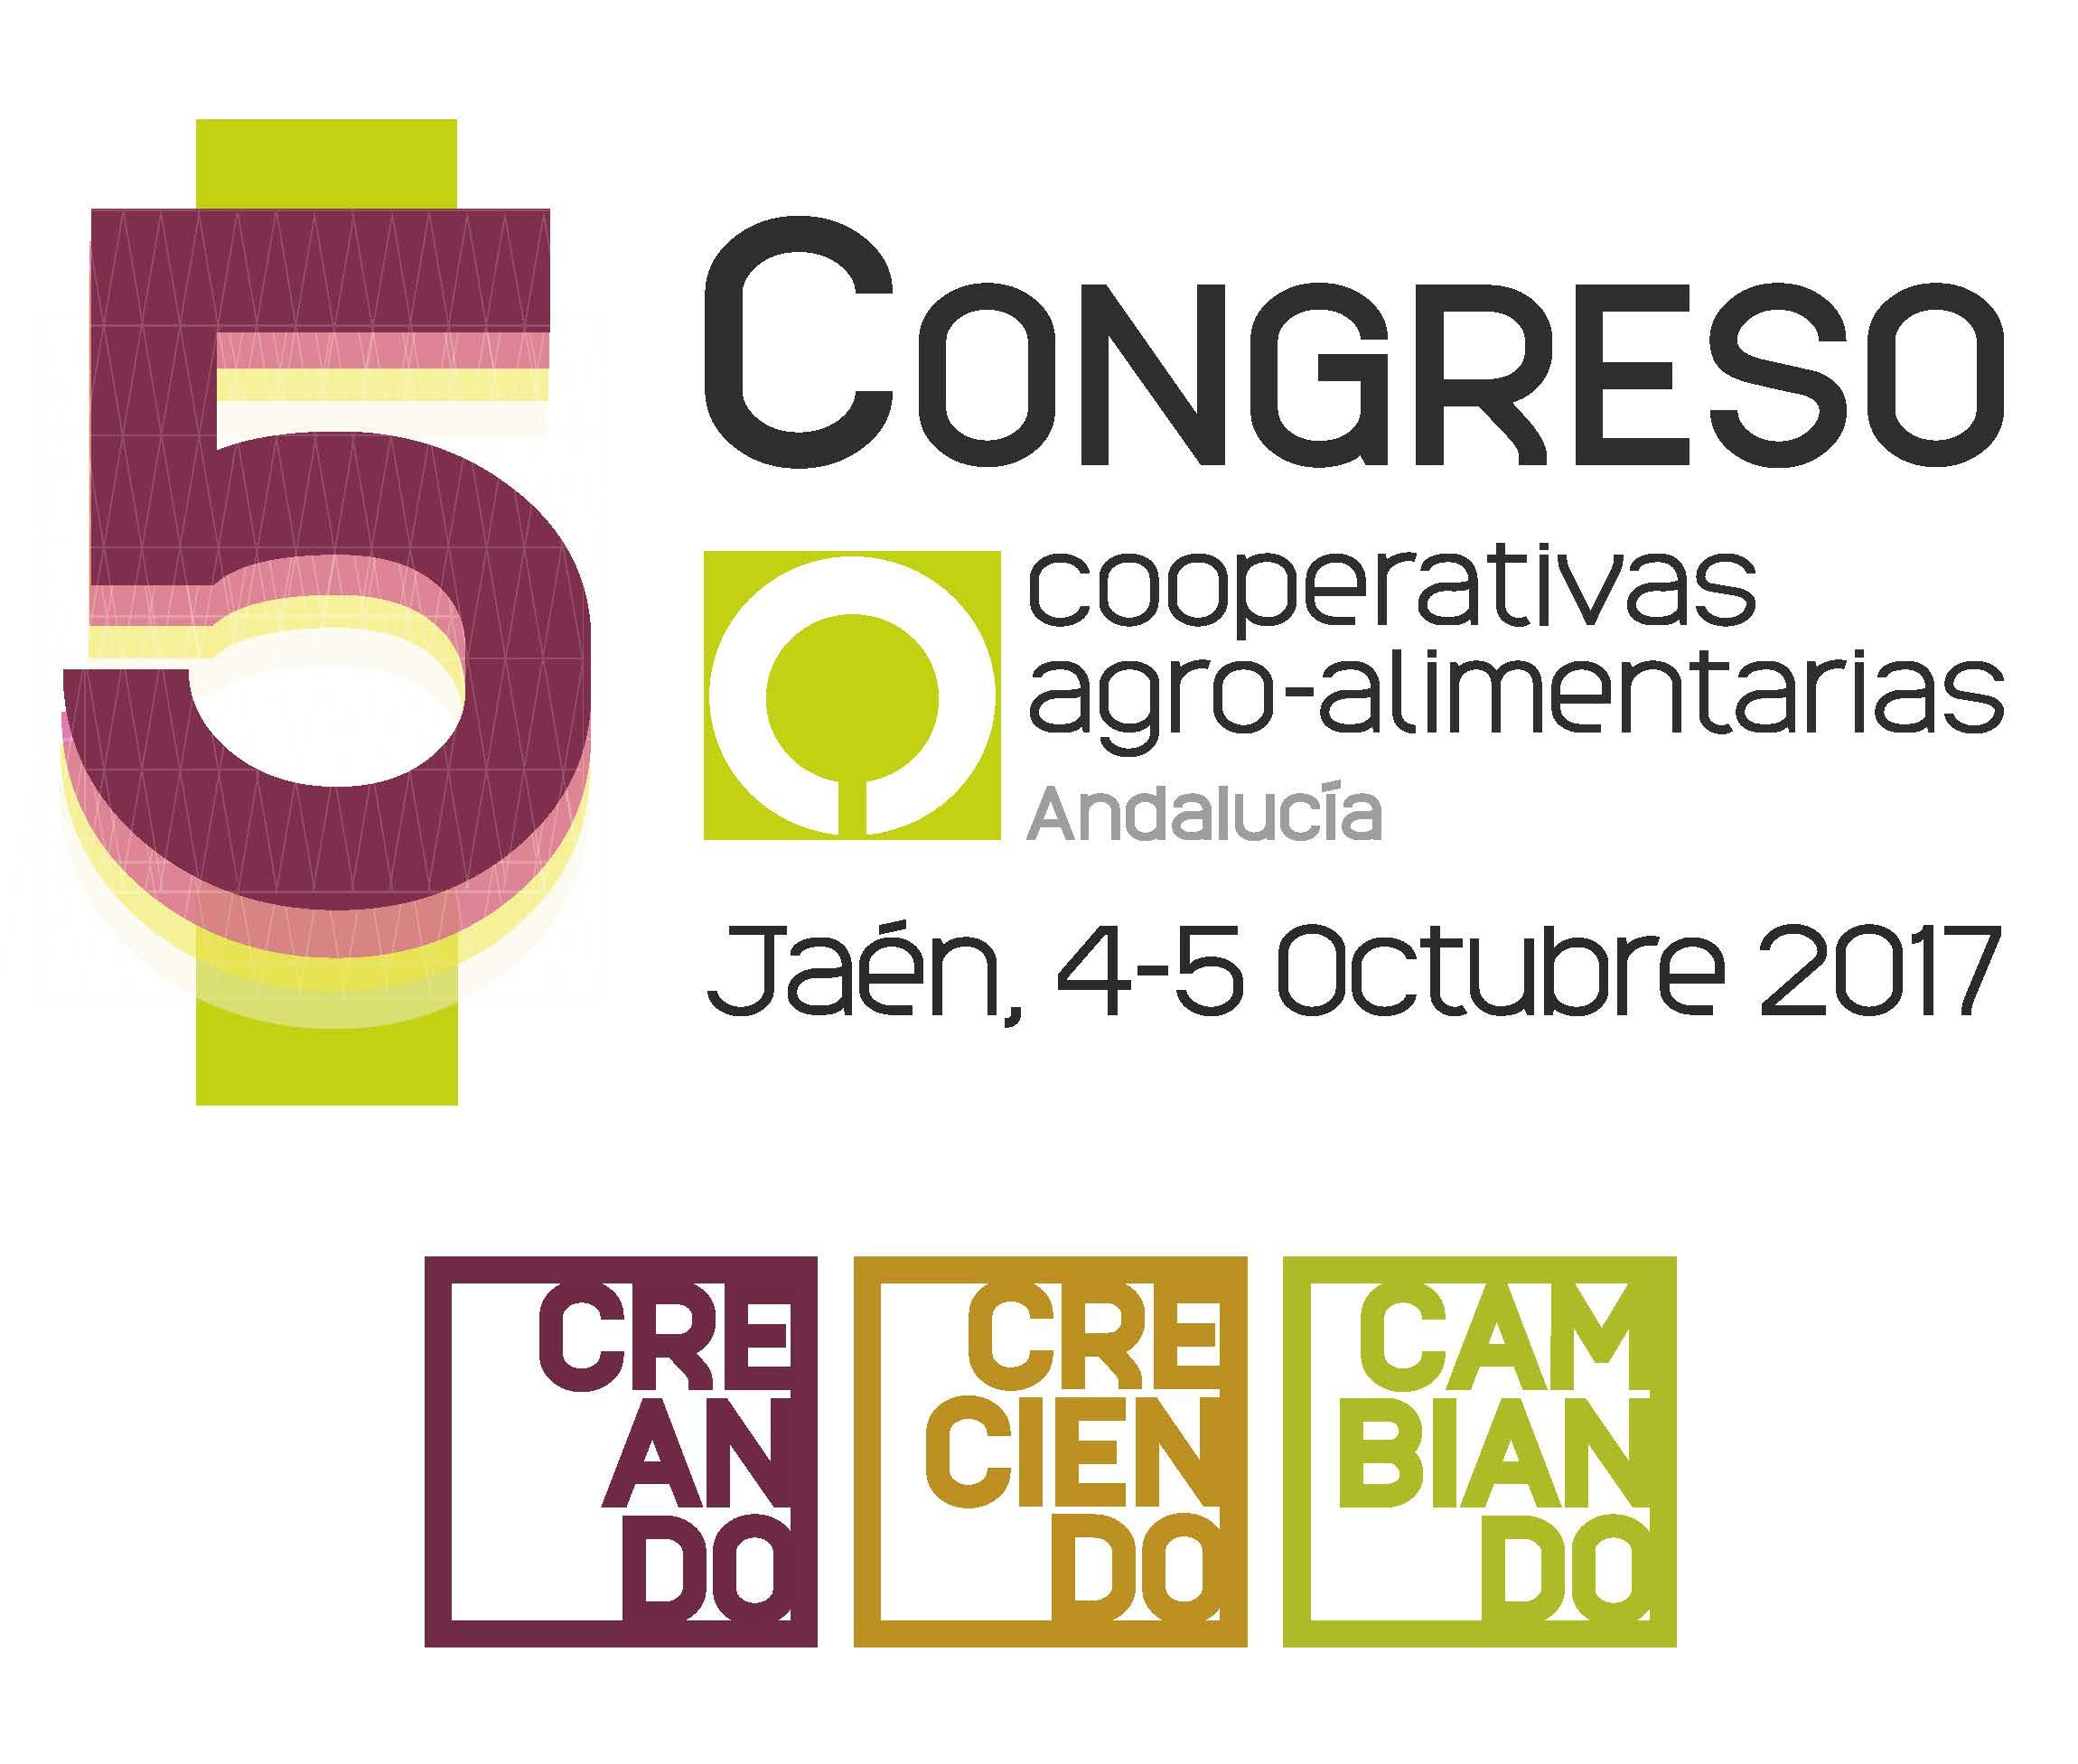 Congreso JAÉN'17 298*248